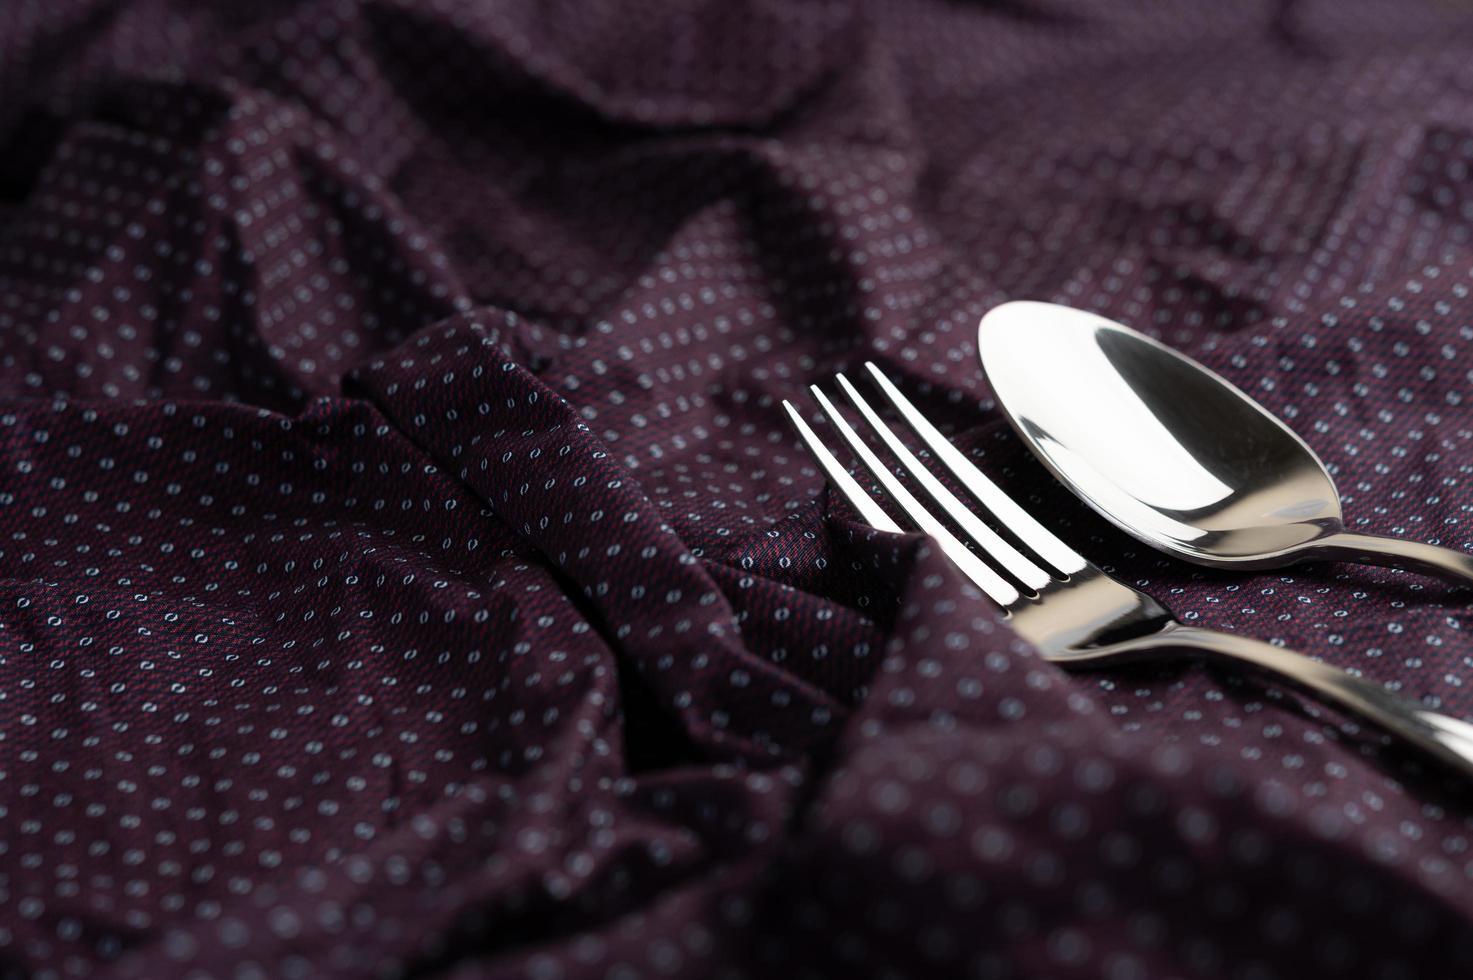 cucchiaio e forchetta posti su un panno spiegazzato foto